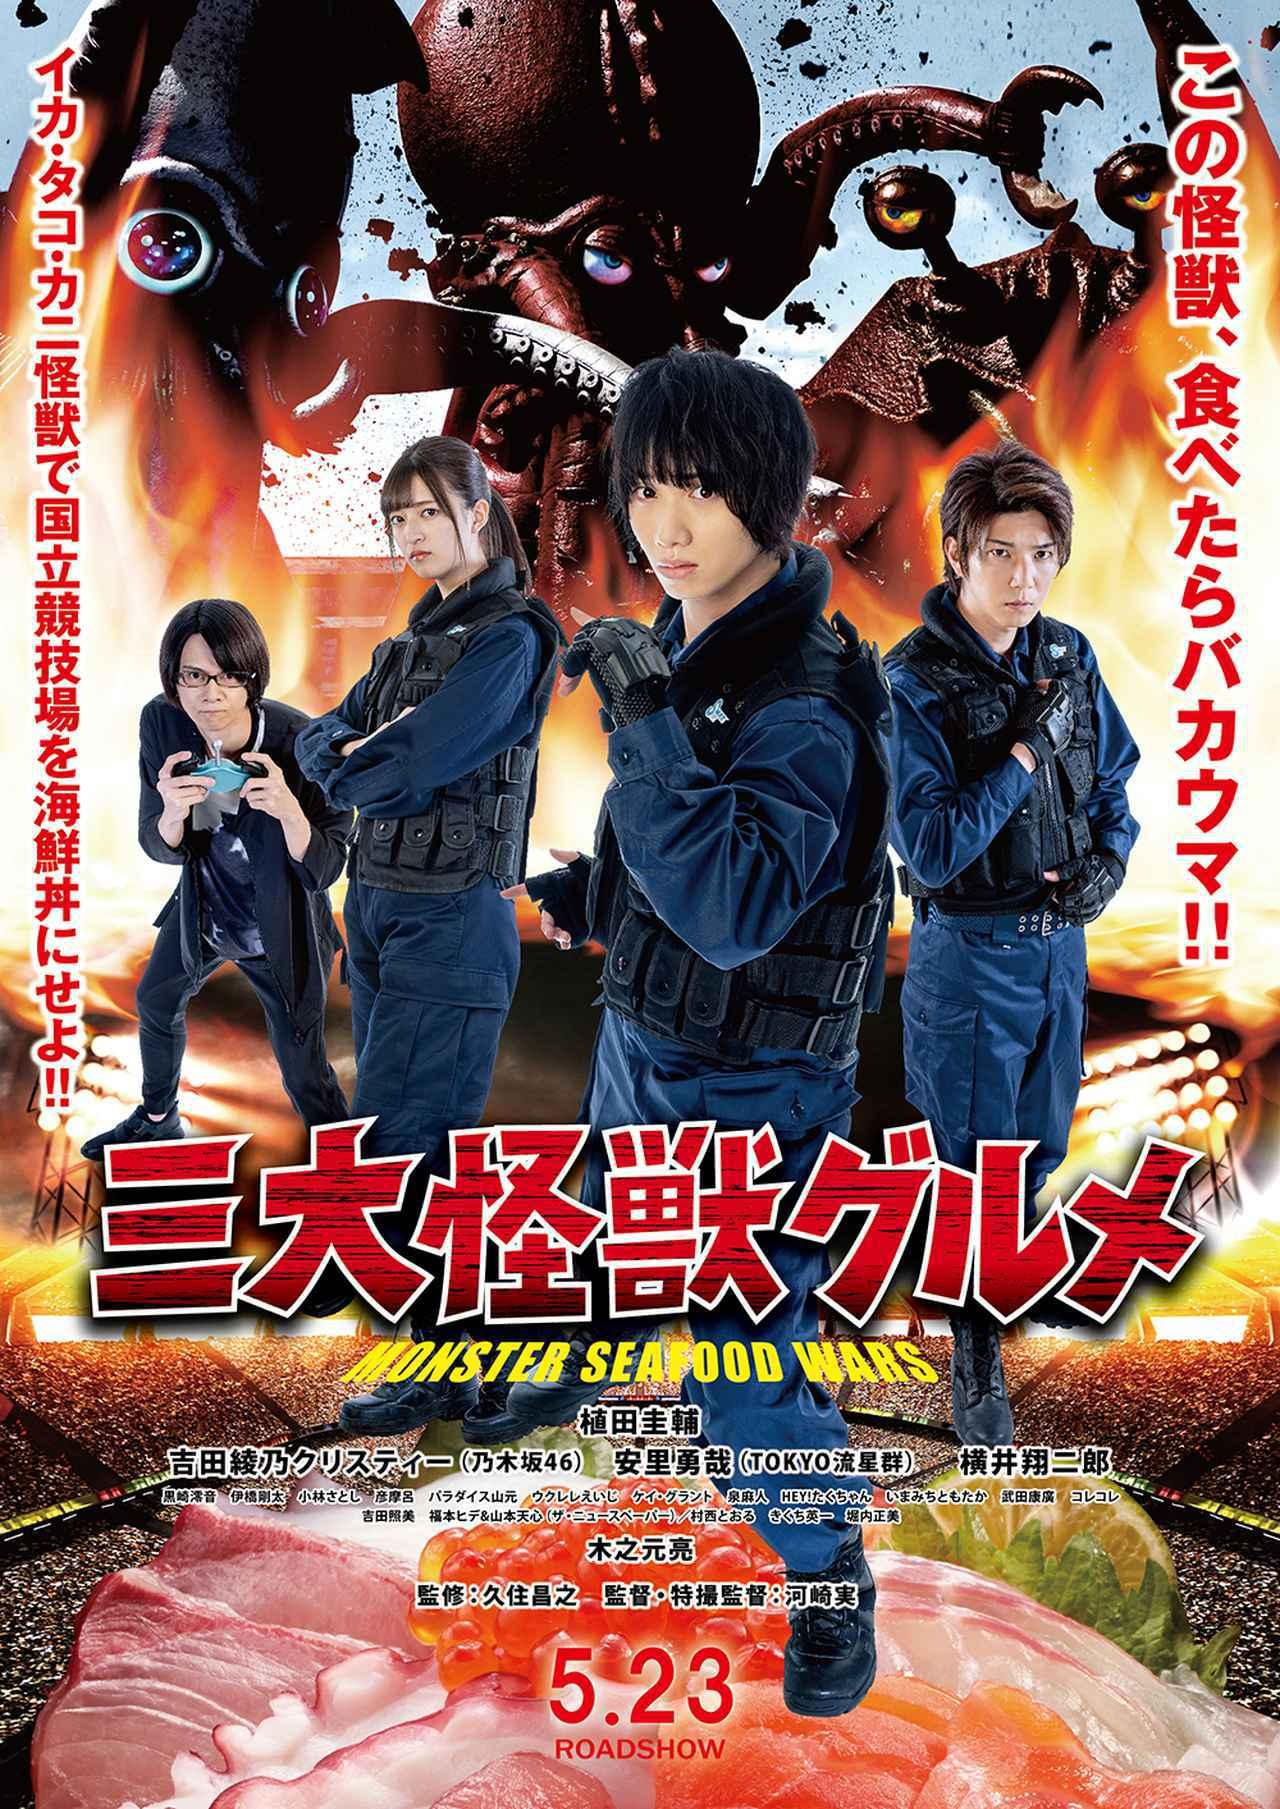 画像: 「いかレスラー」「地球防衛未亡人」など、バカ映画一直線の日本映画界の異端児・河崎実監督が43年間構想した禁断の衝撃作『三大怪獣グルメ』